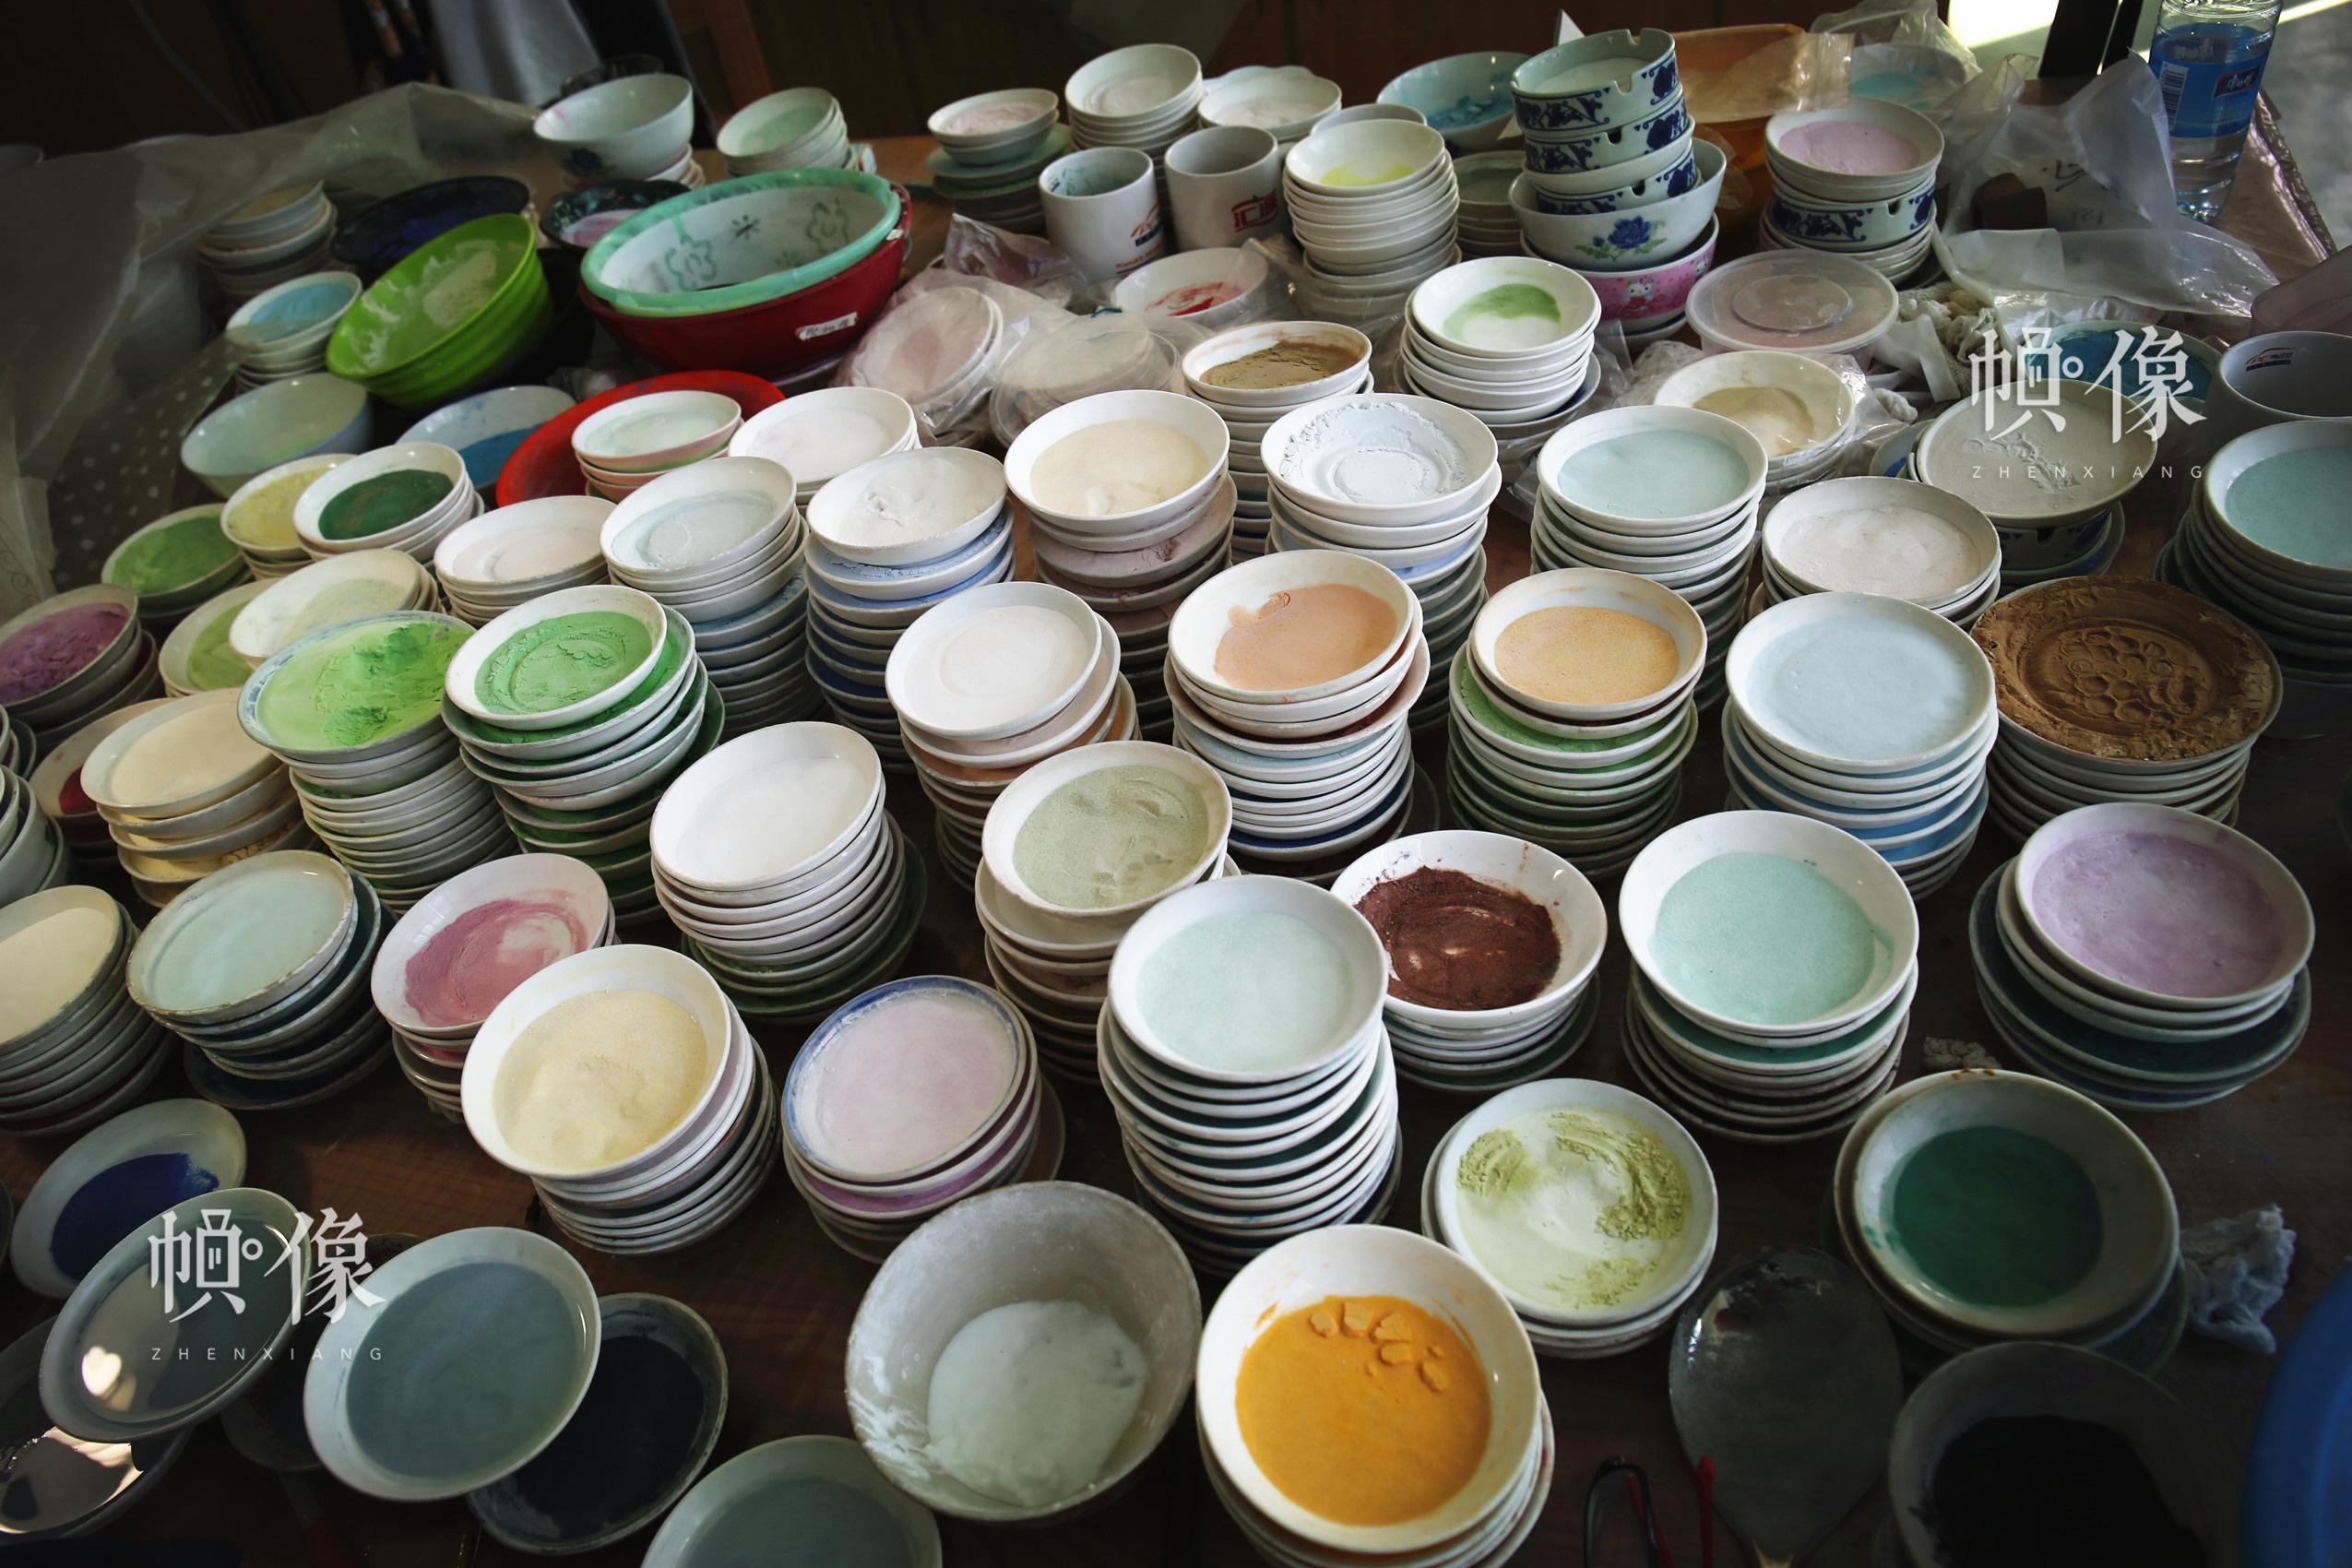 图为景泰蓝点蓝工序颜料碗。中国网记者 赵超 摄